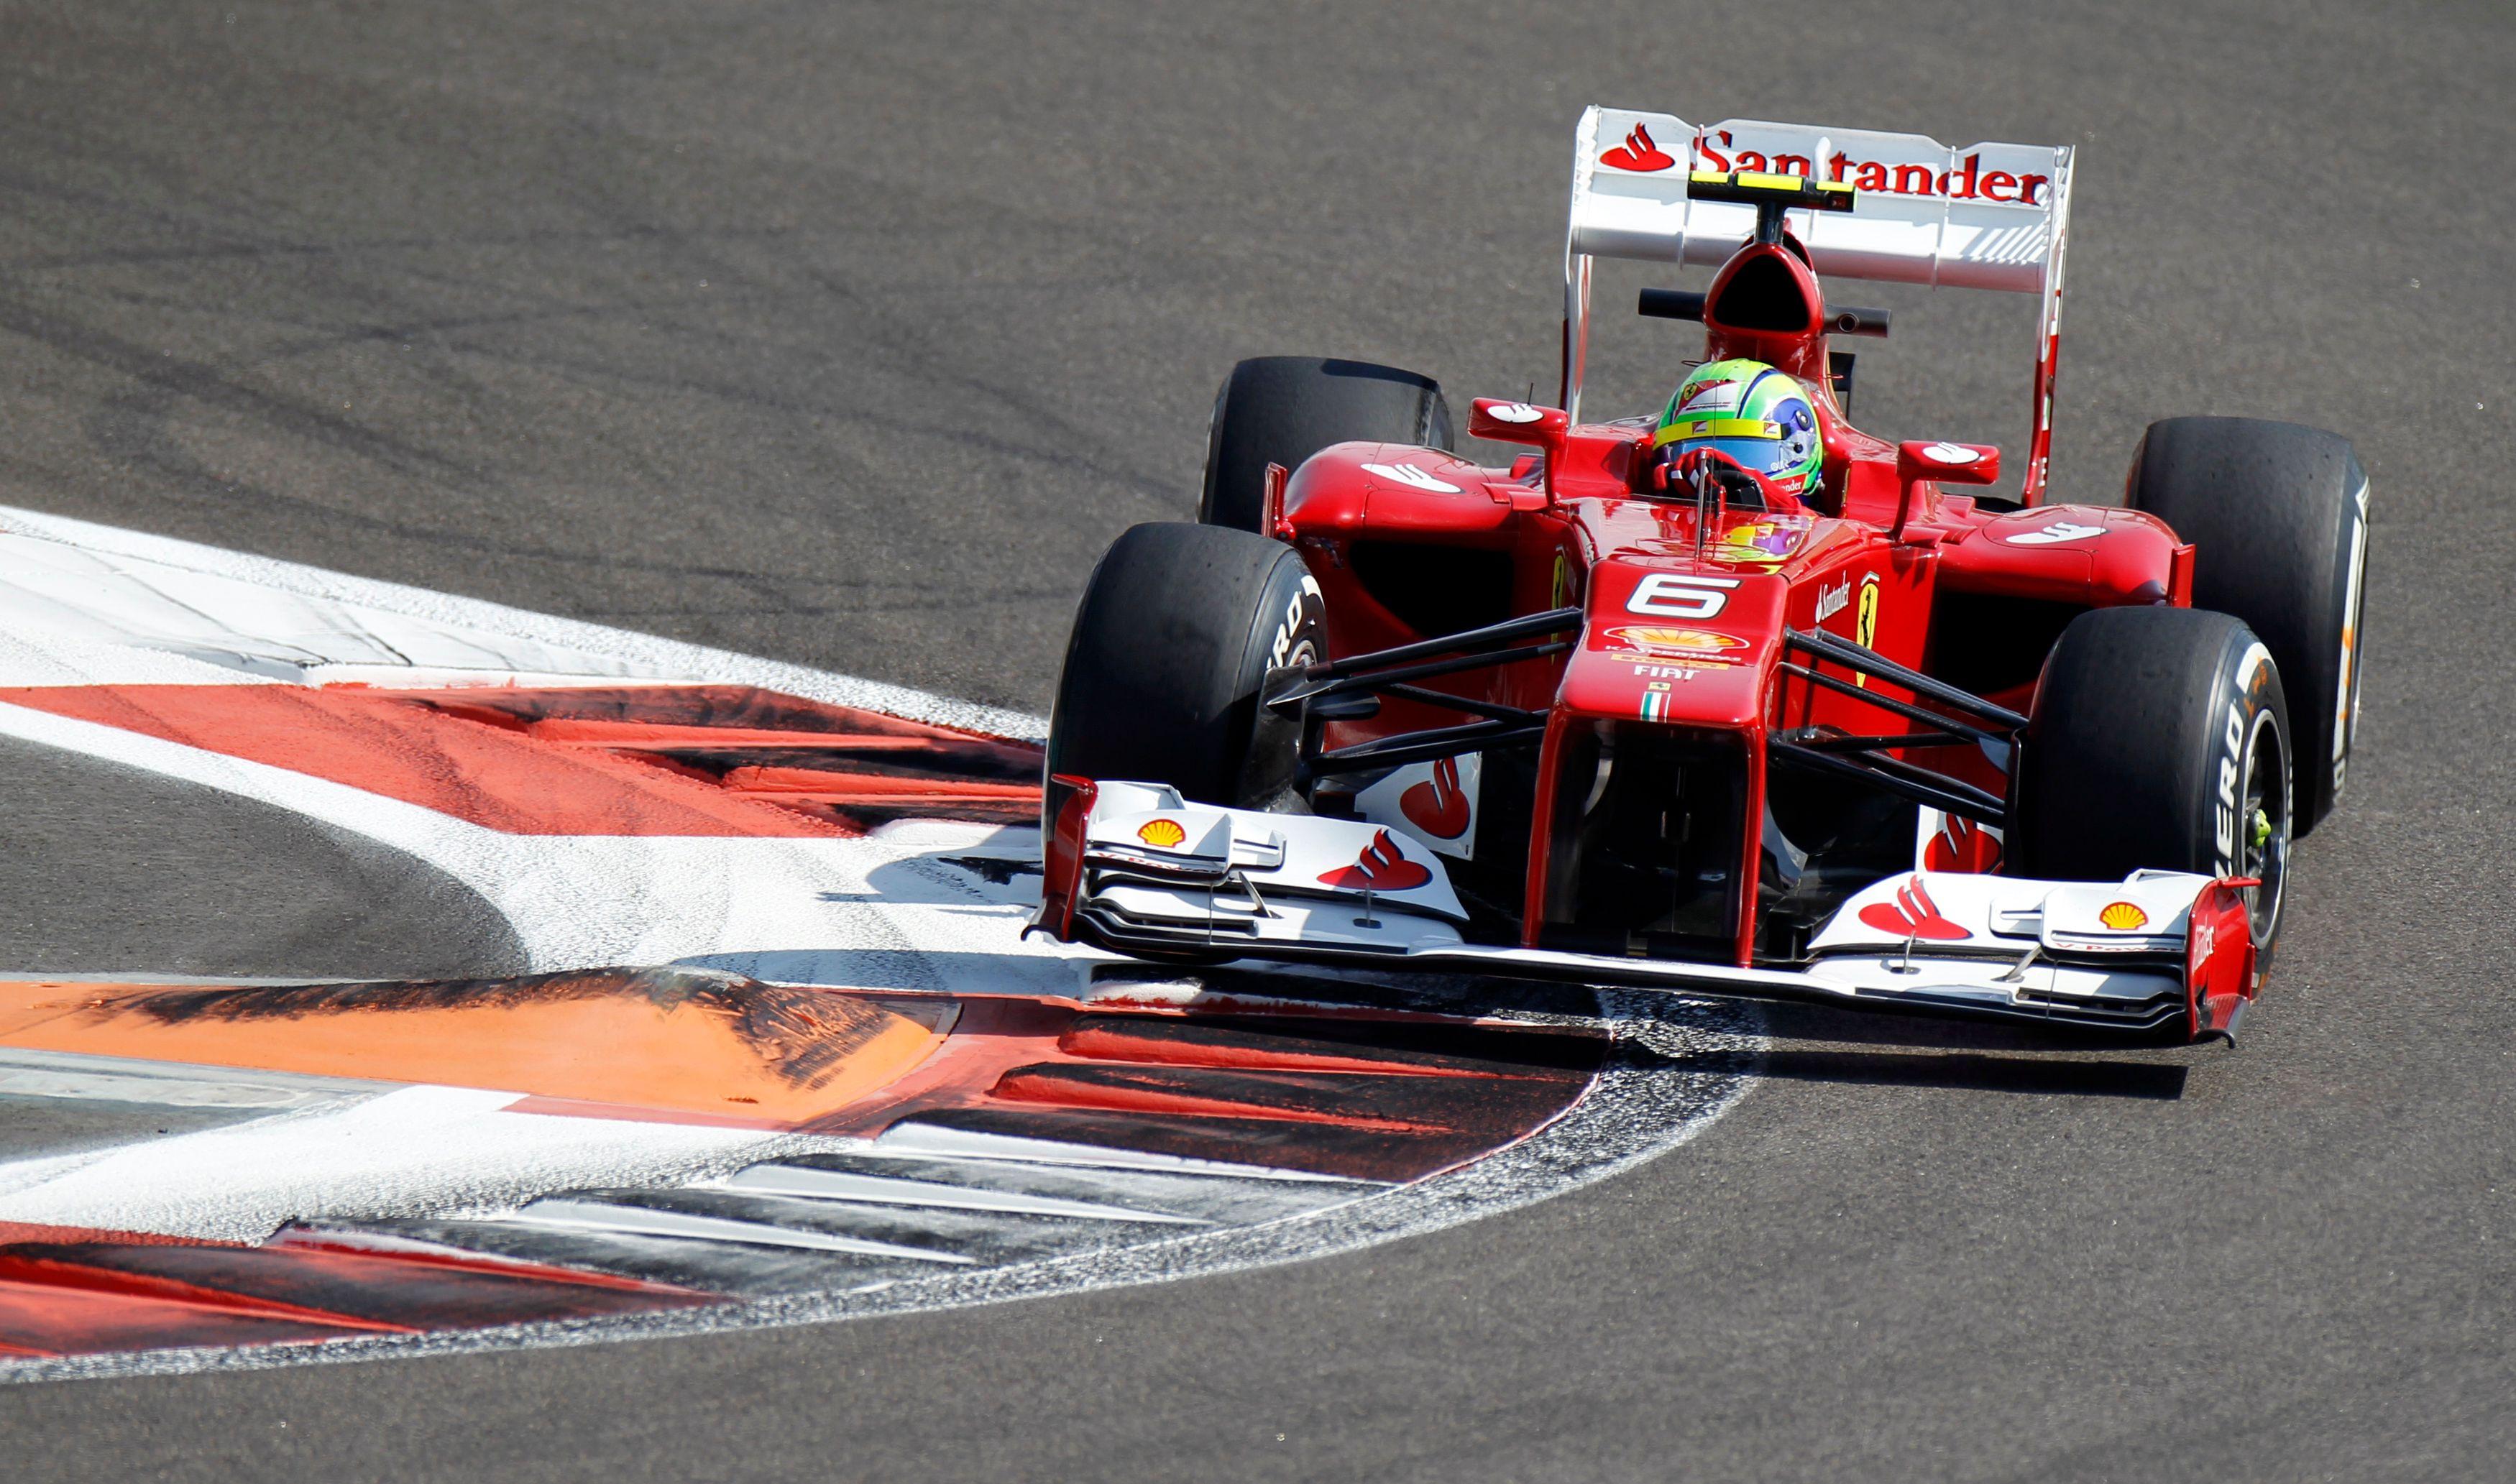 Bernie Ecclestone, le grand argentier de la F1 a déclaré cette semaine à l'AFP qu'une partie du capital de la Formule 1 serait bientôt à la Bourse de Singapour